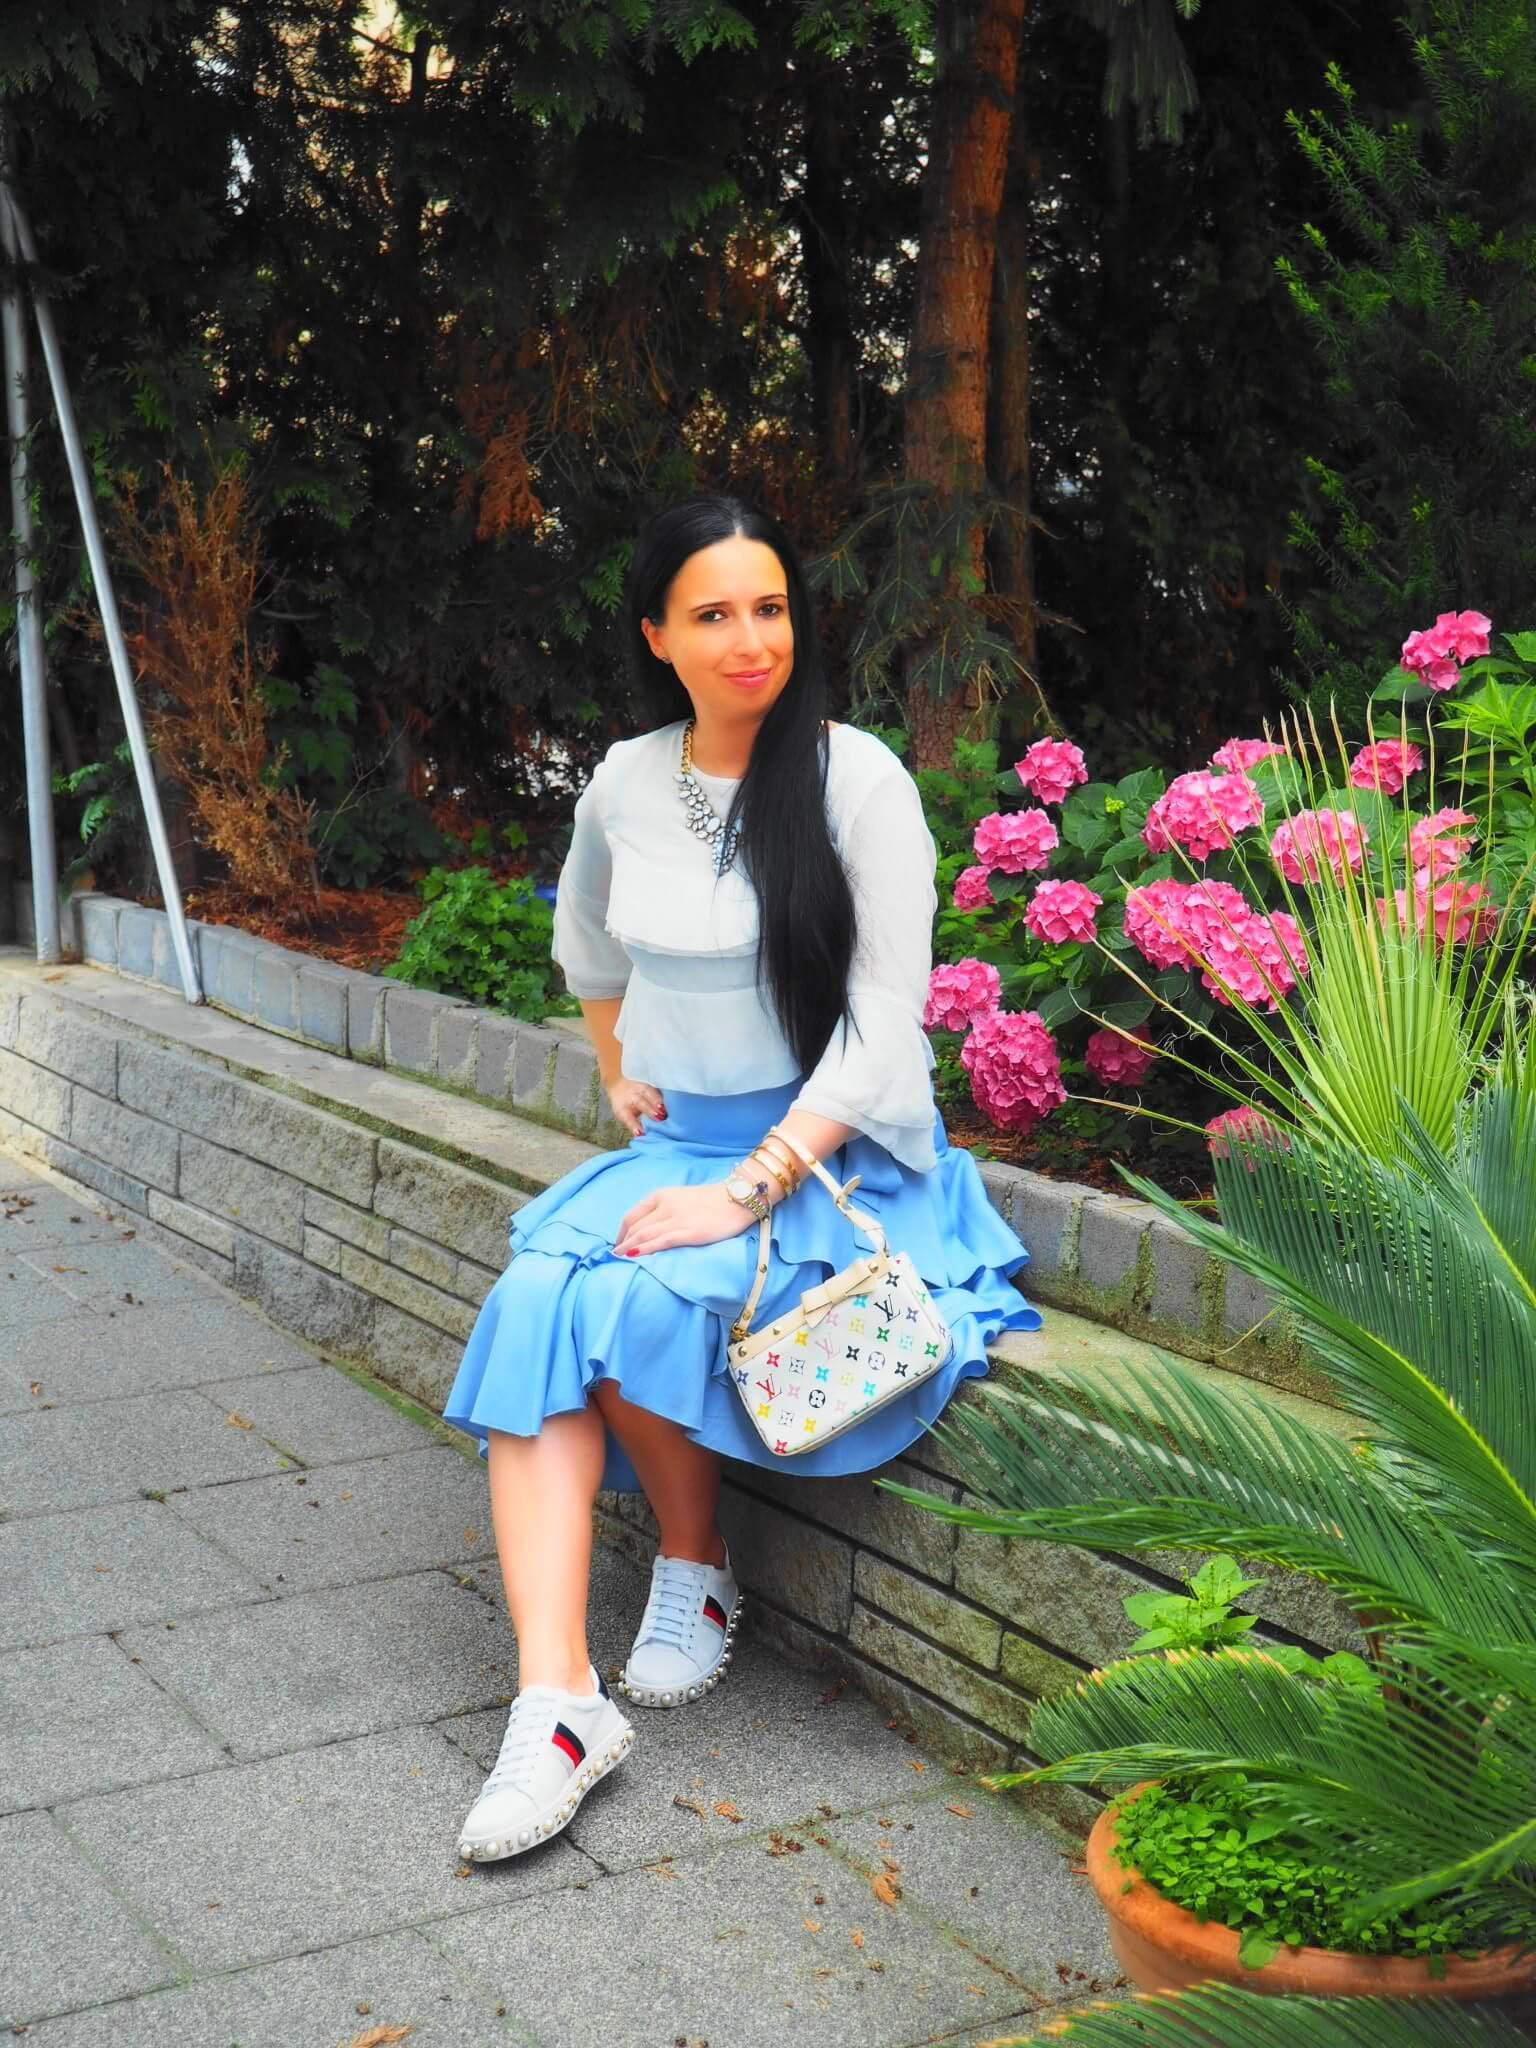 Heute zeige ich euch einen Look mit Rüschenrock von NA-KD, Bluse von Edited, Sneakers von Gucci und Statementkette von Happinessboutique auf meinem Blog